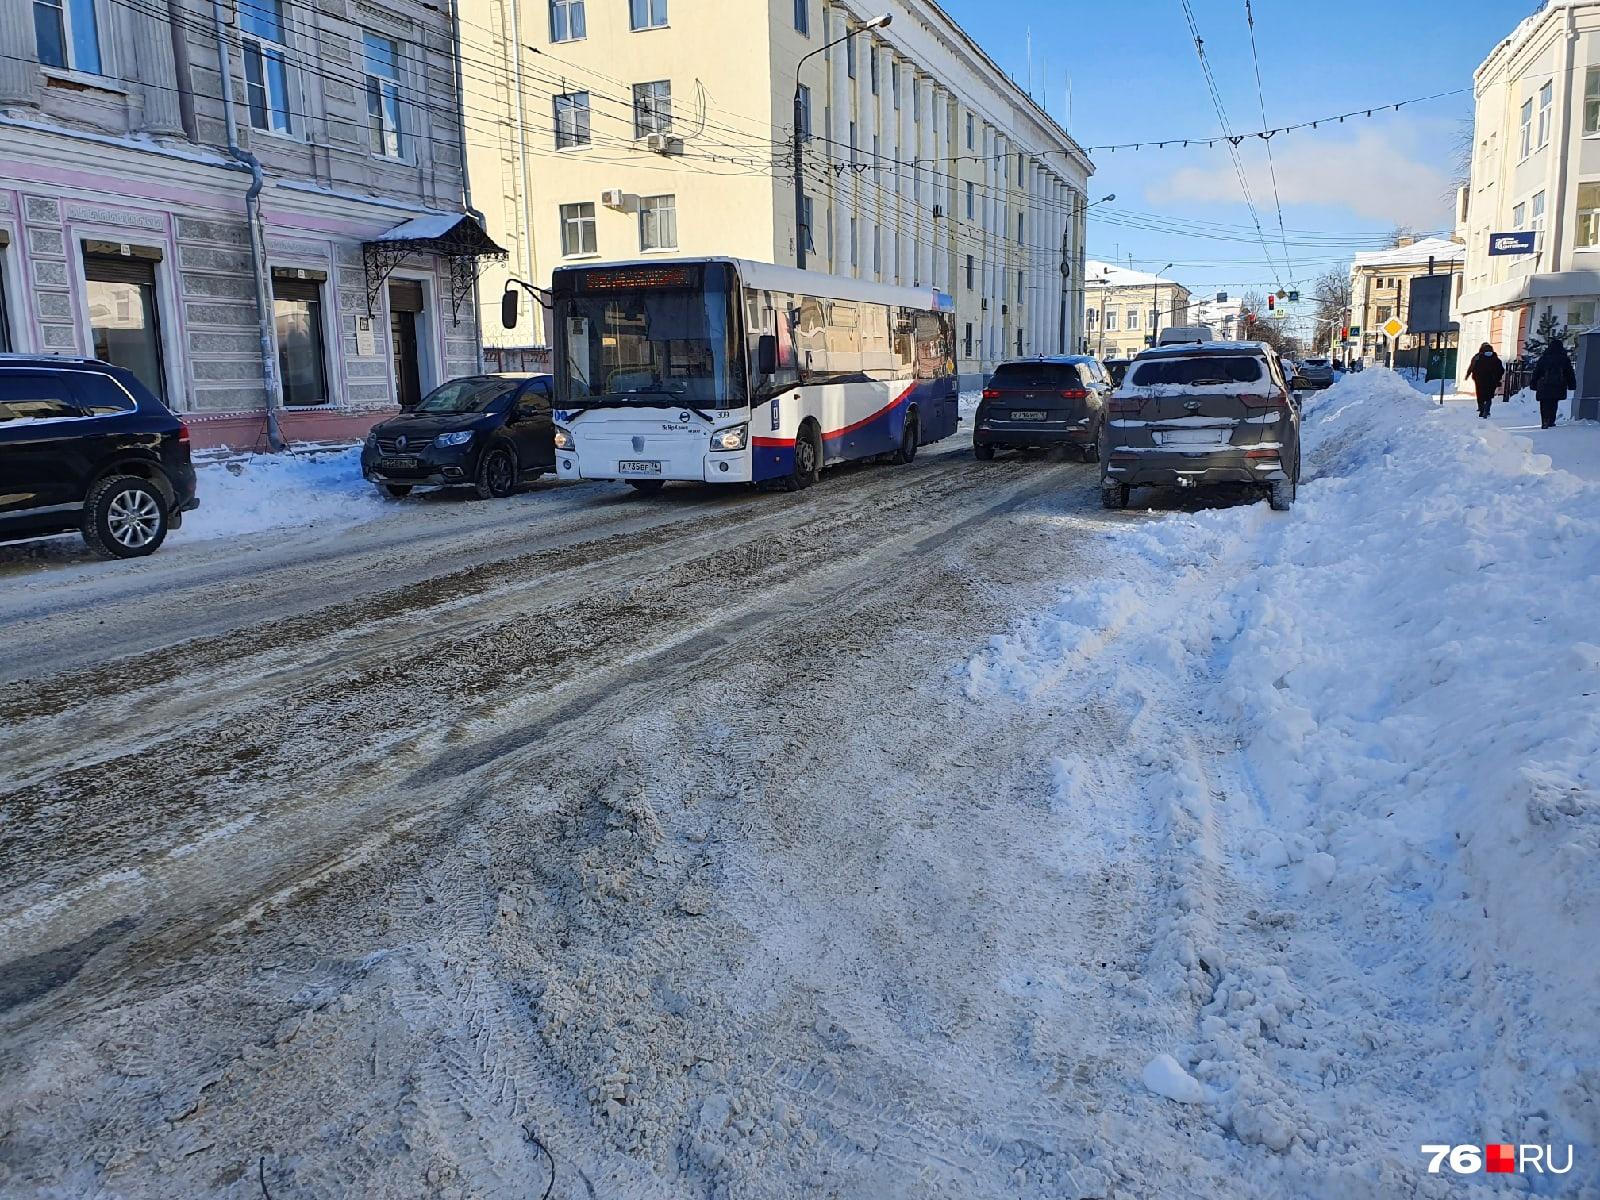 Власти просят автомобилистов по возможности не парковать машины на обочинах